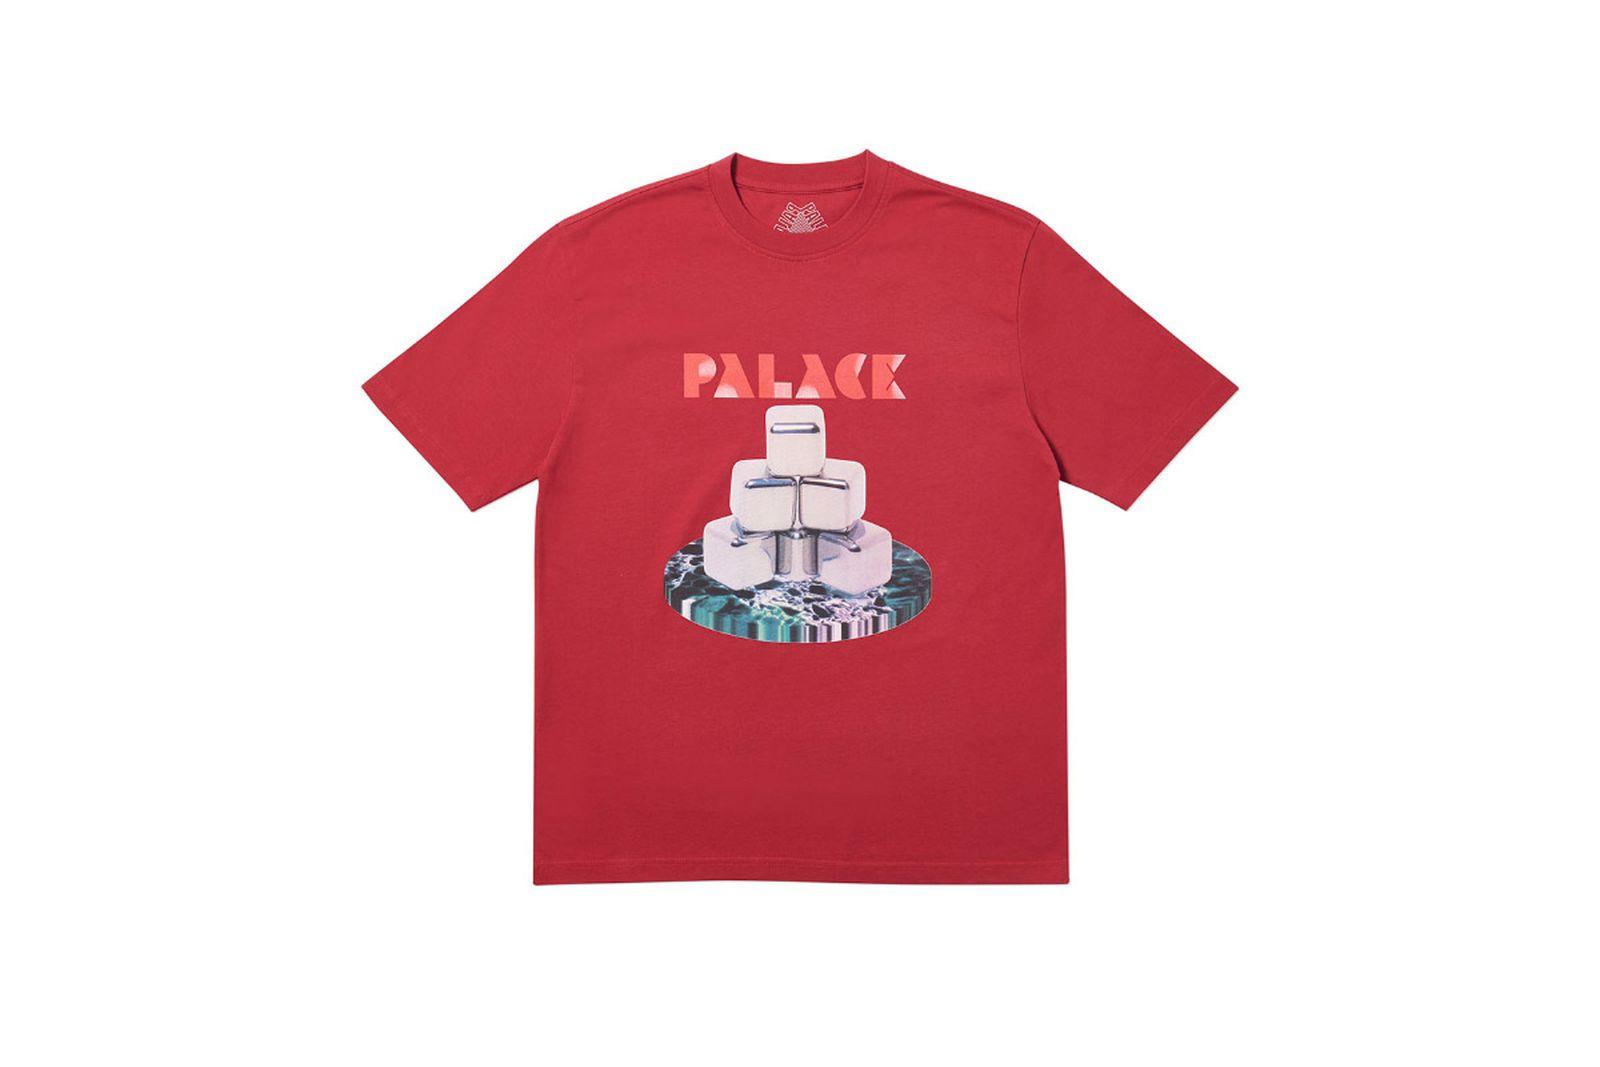 Palace 2019 Autumn T Shirt P Cubes red